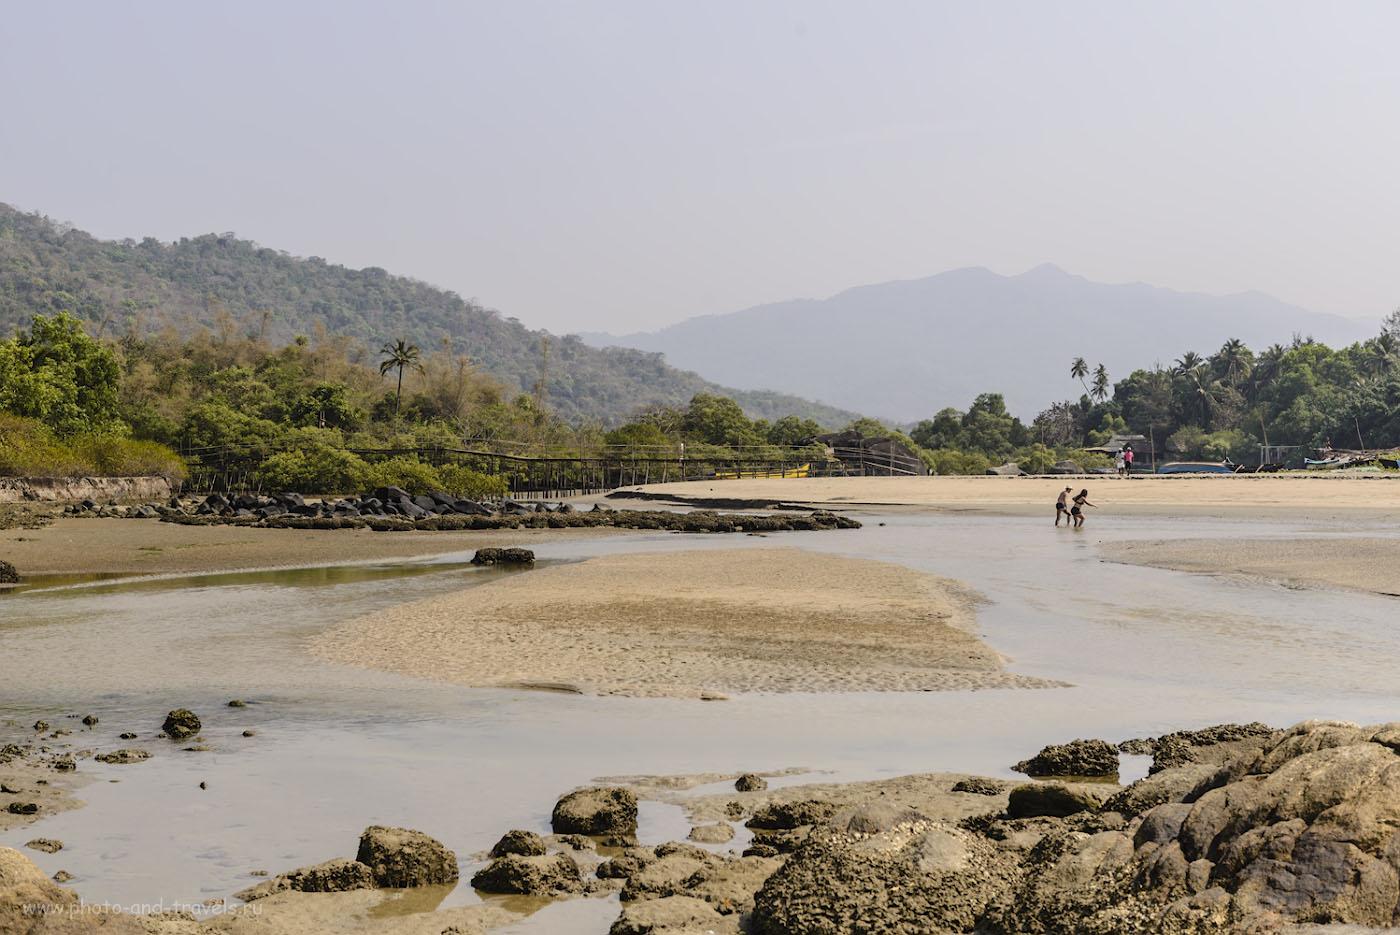 Фото 12. Северная часть пляжа Палолем. Устье ручья, по которому можно отправиться на прогулку. На карте это место обозначено «Мост» и «Advota». 1/200, 0.67, 8.0, 100, 50.